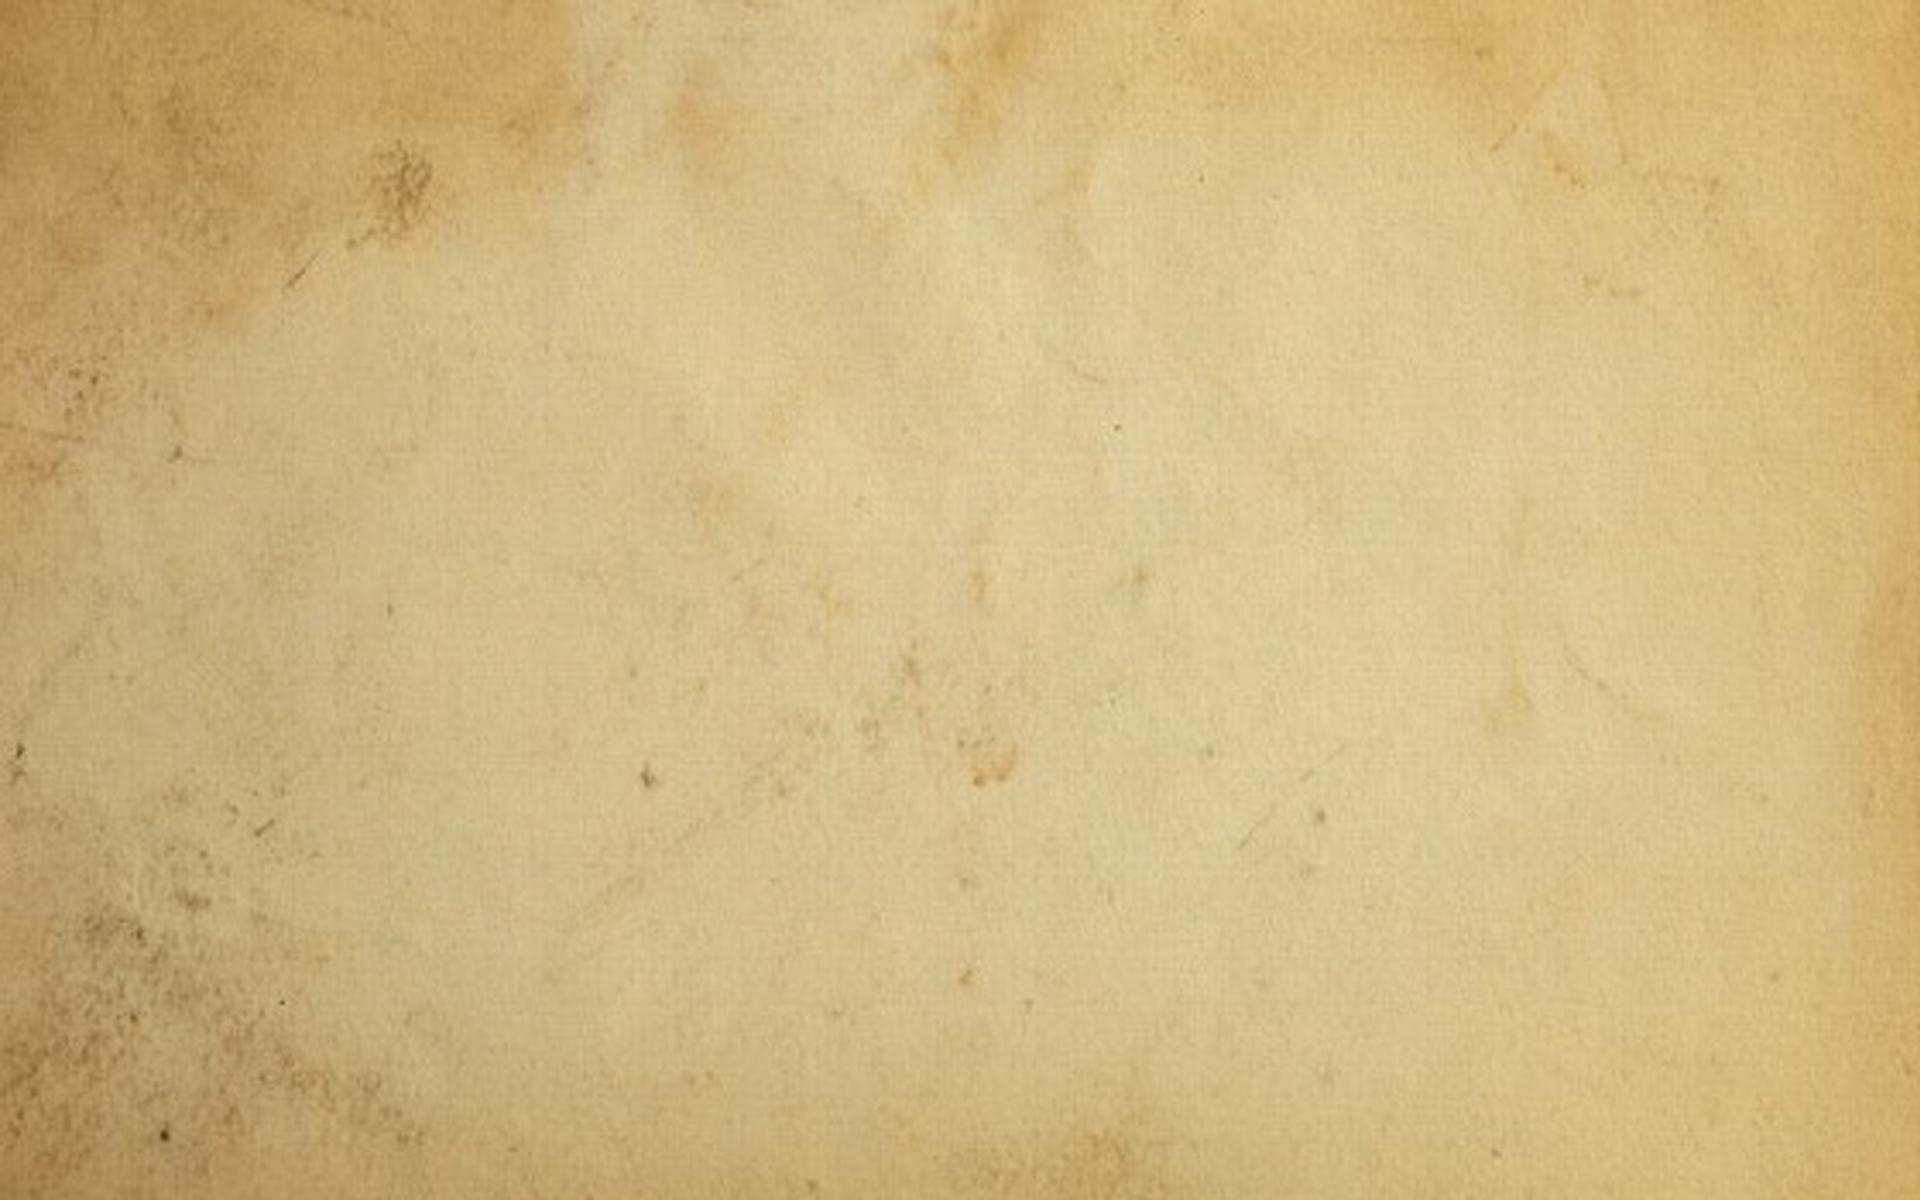 Wallpaper Paper Texture 1920x1200